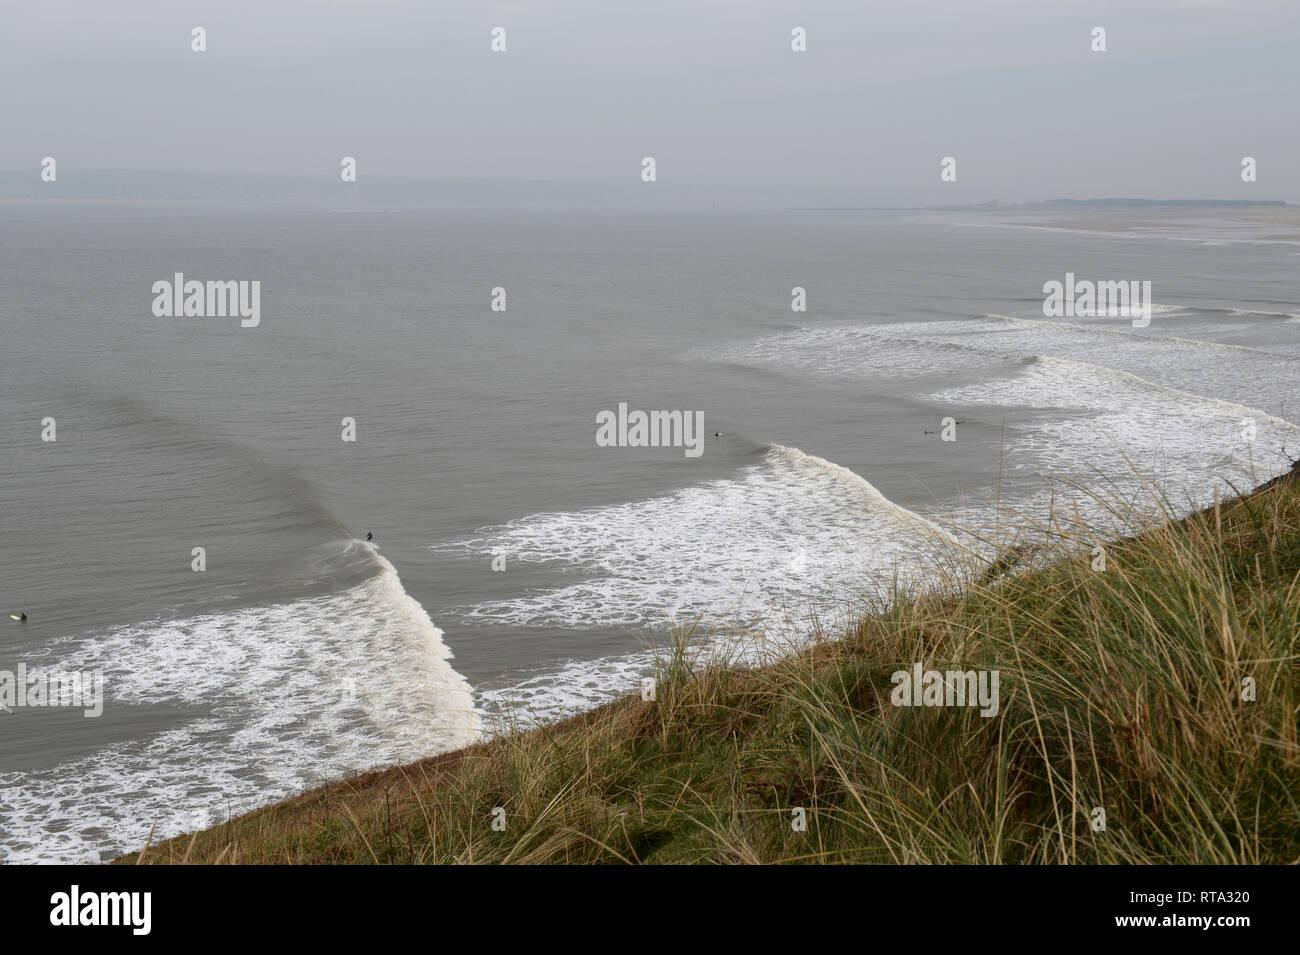 Surf en Broughton donde las largas olas que rompen en la costa salvaje en un día tempestuoso haciendo el point break perfecto para fanáticos surfistas Imagen De Stock